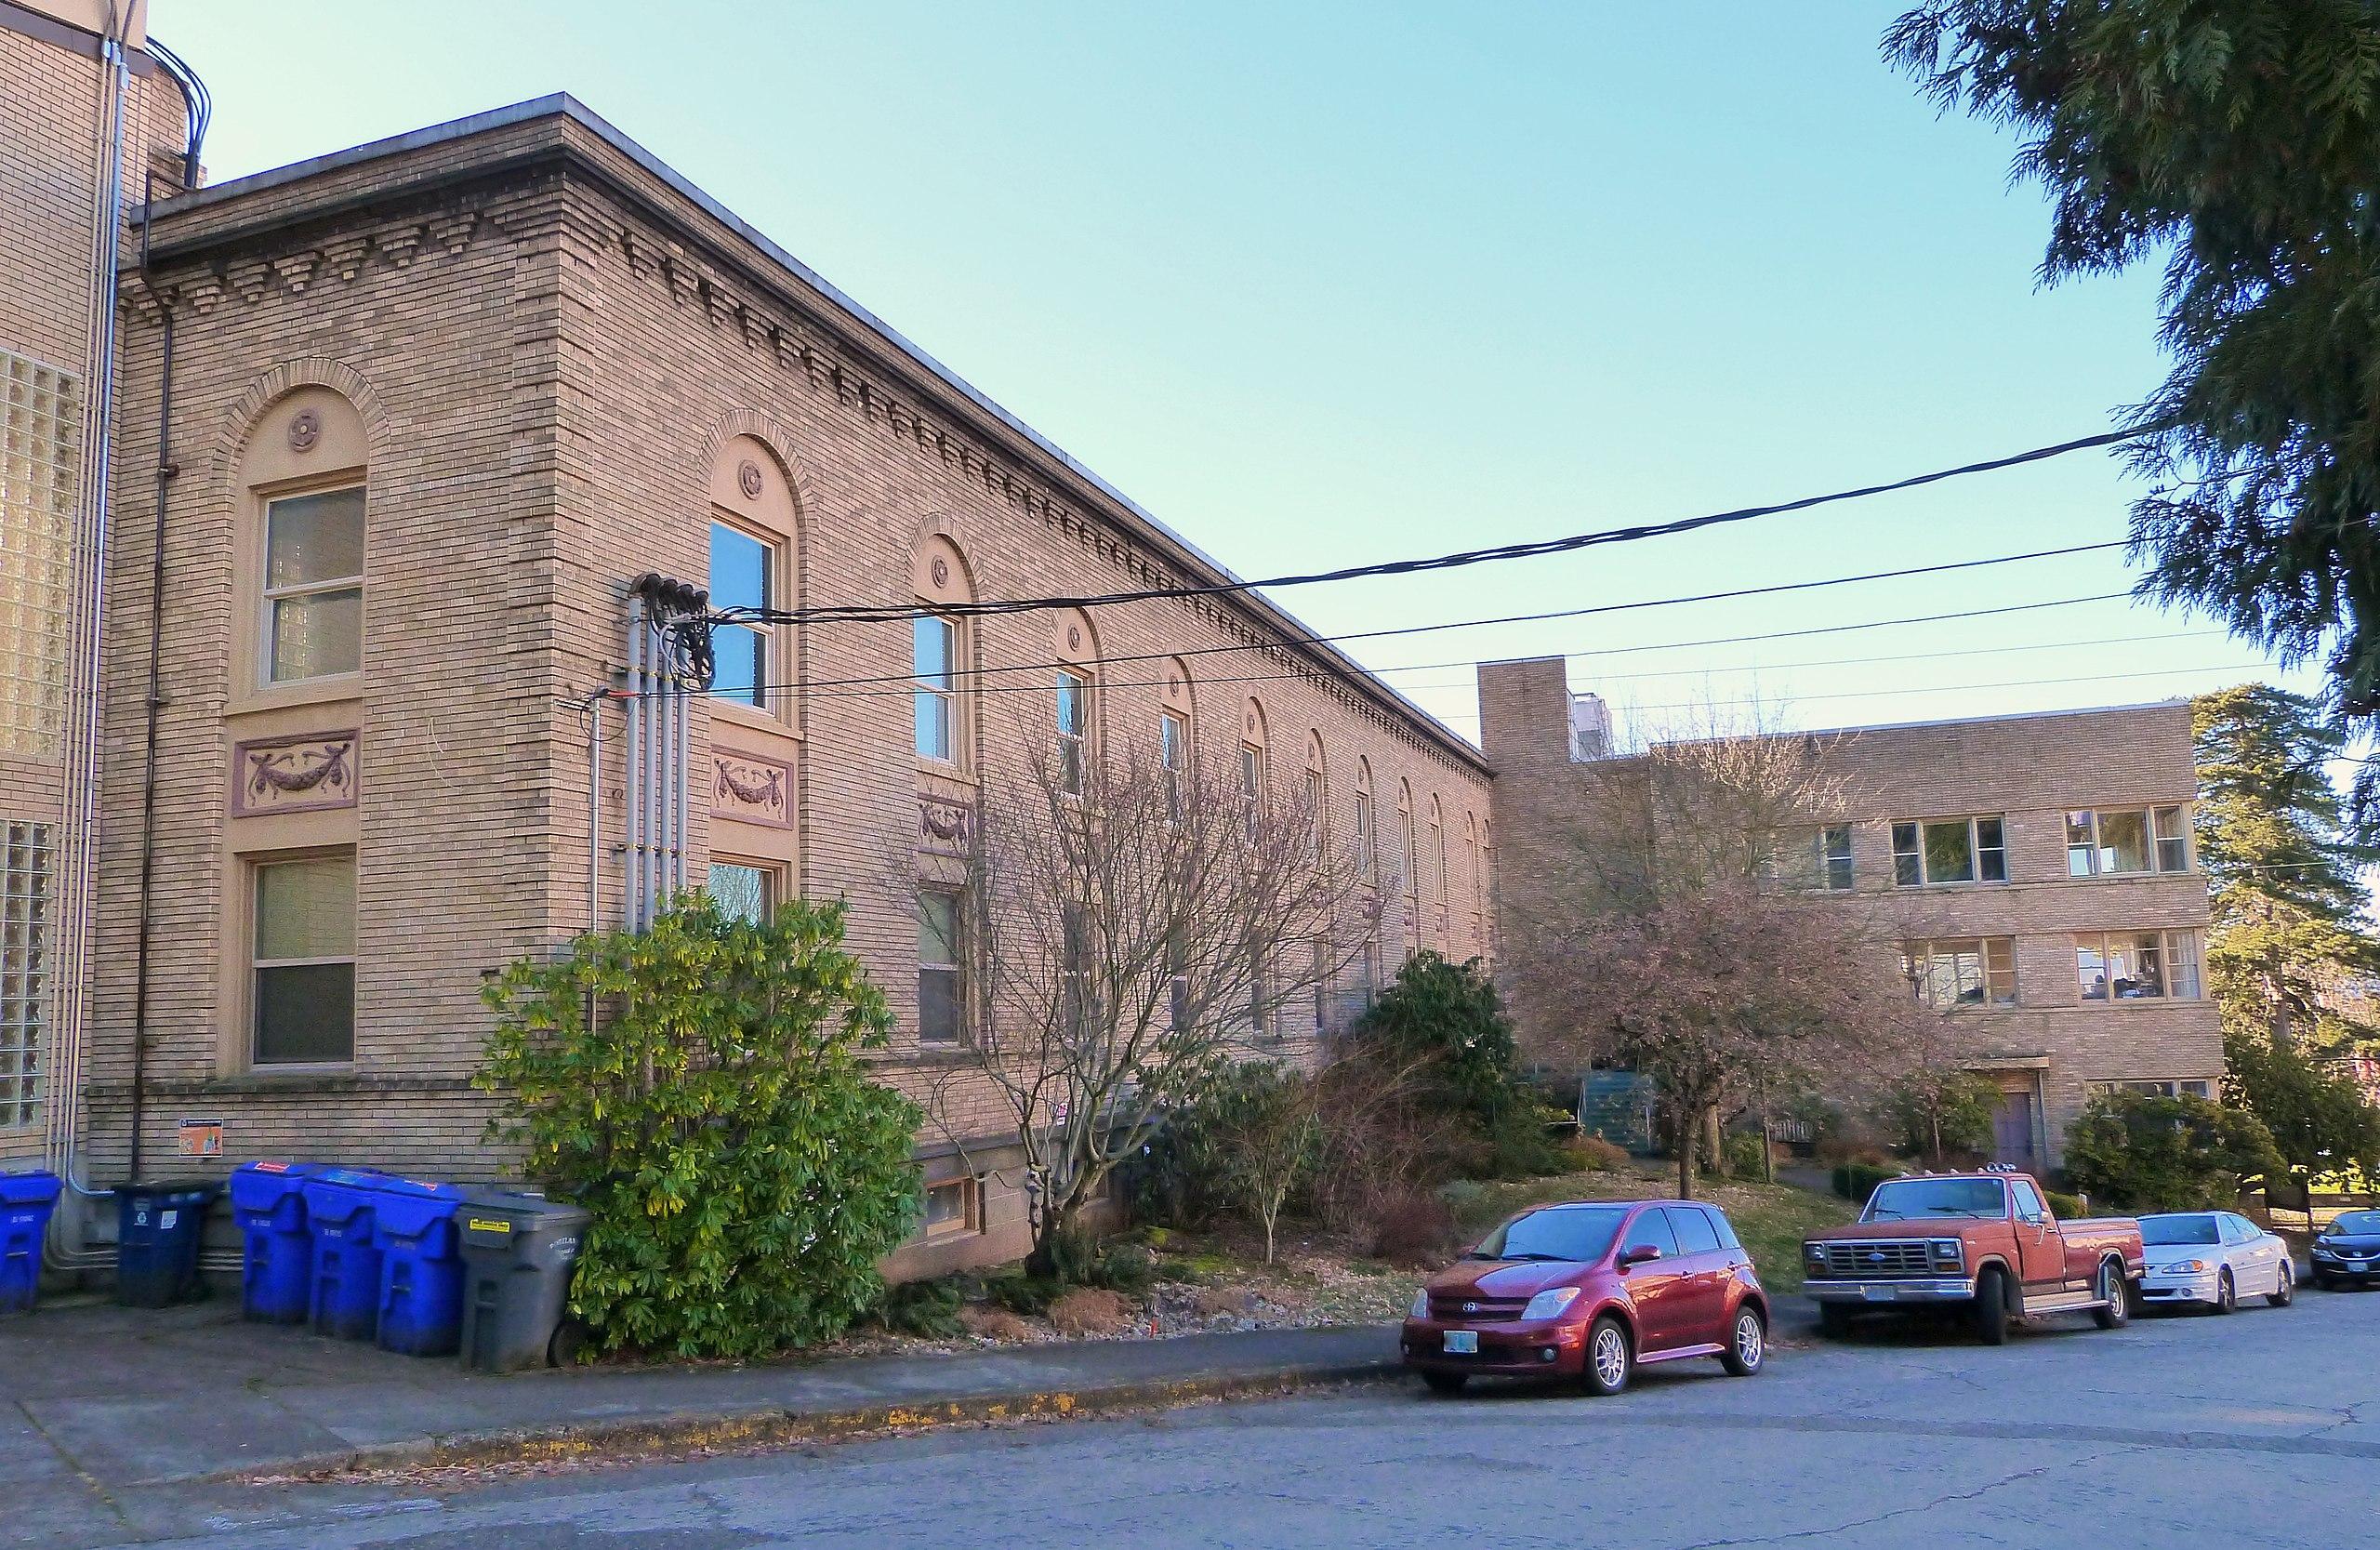 Portland Sanitarium Nurses' Quarters